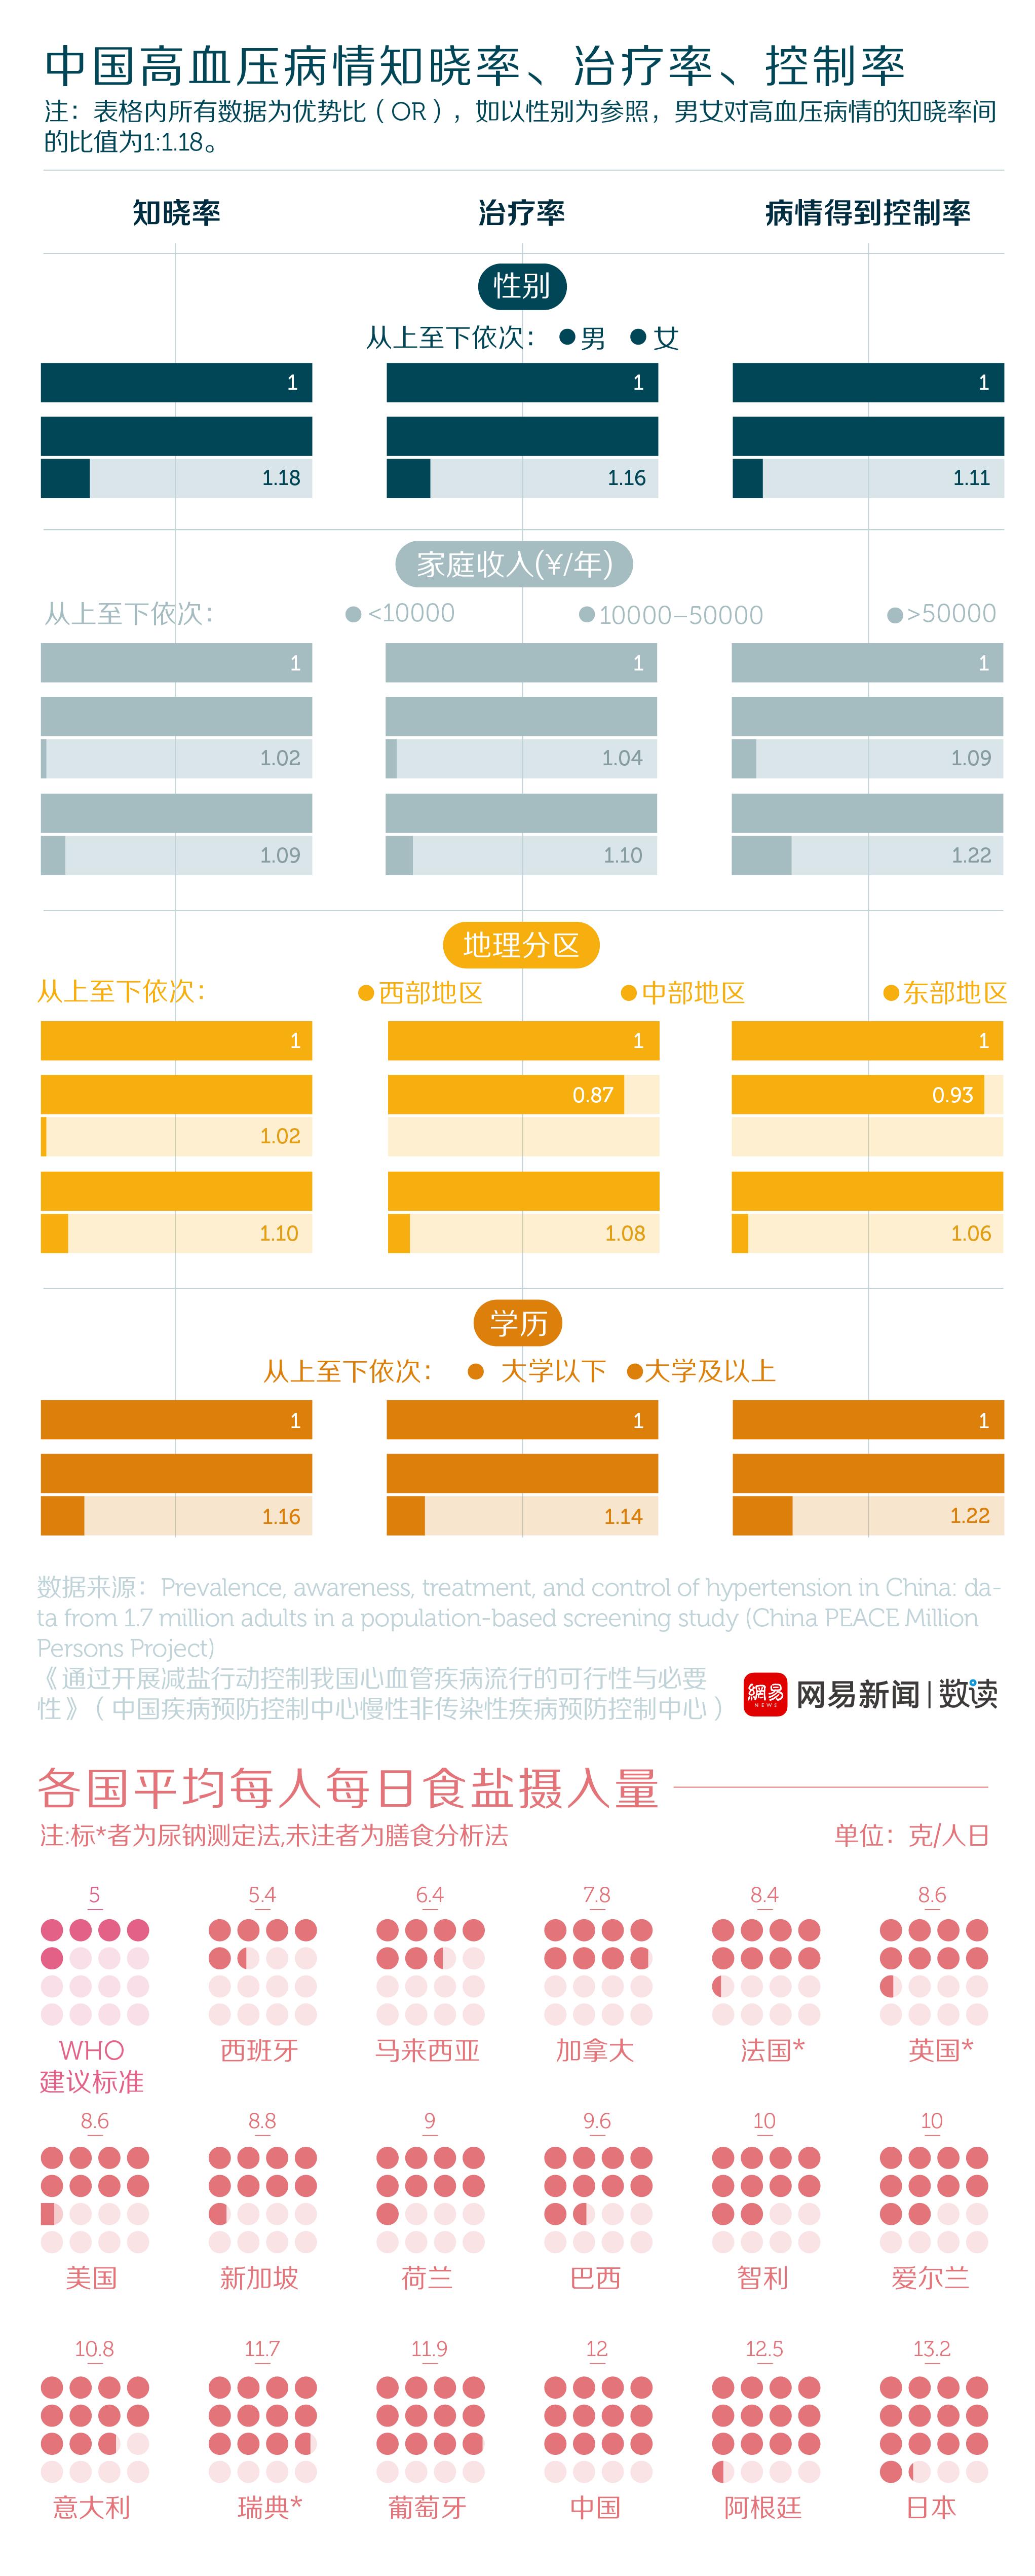 网易数读 | 吃盐太多 35岁以上的中国人一半患上了高血压